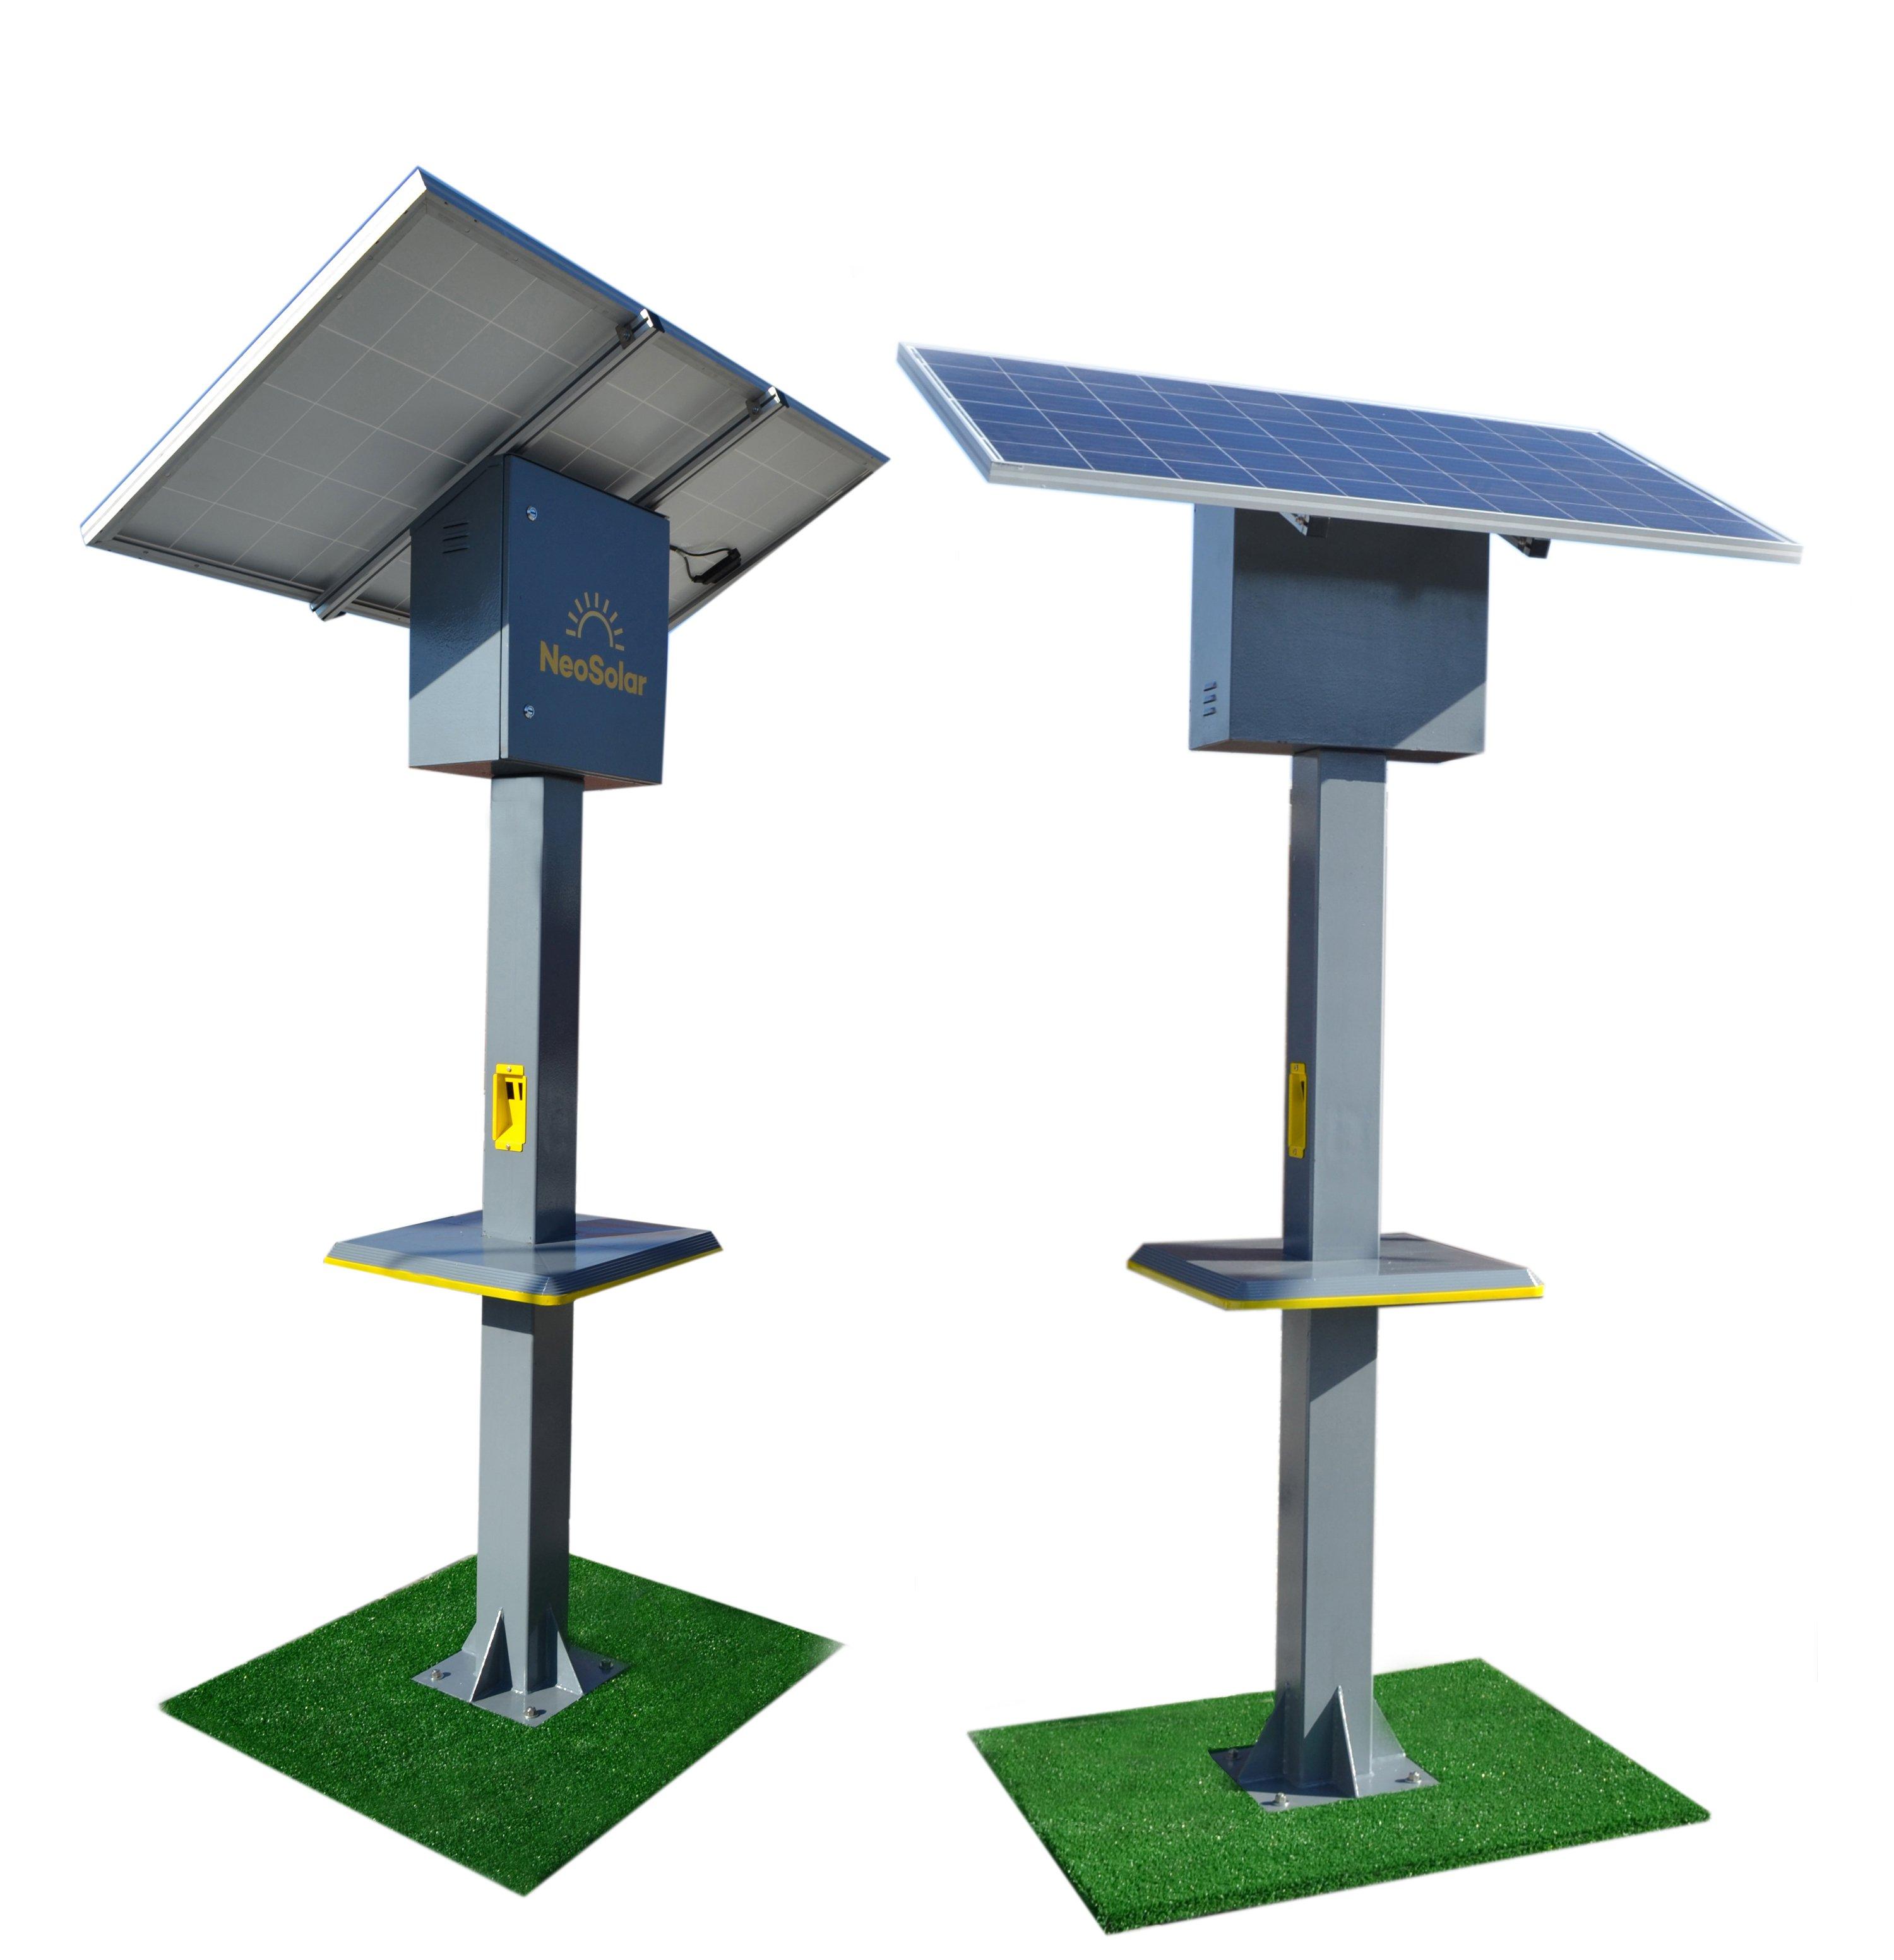 Totem Solar Carregador NeoSolar